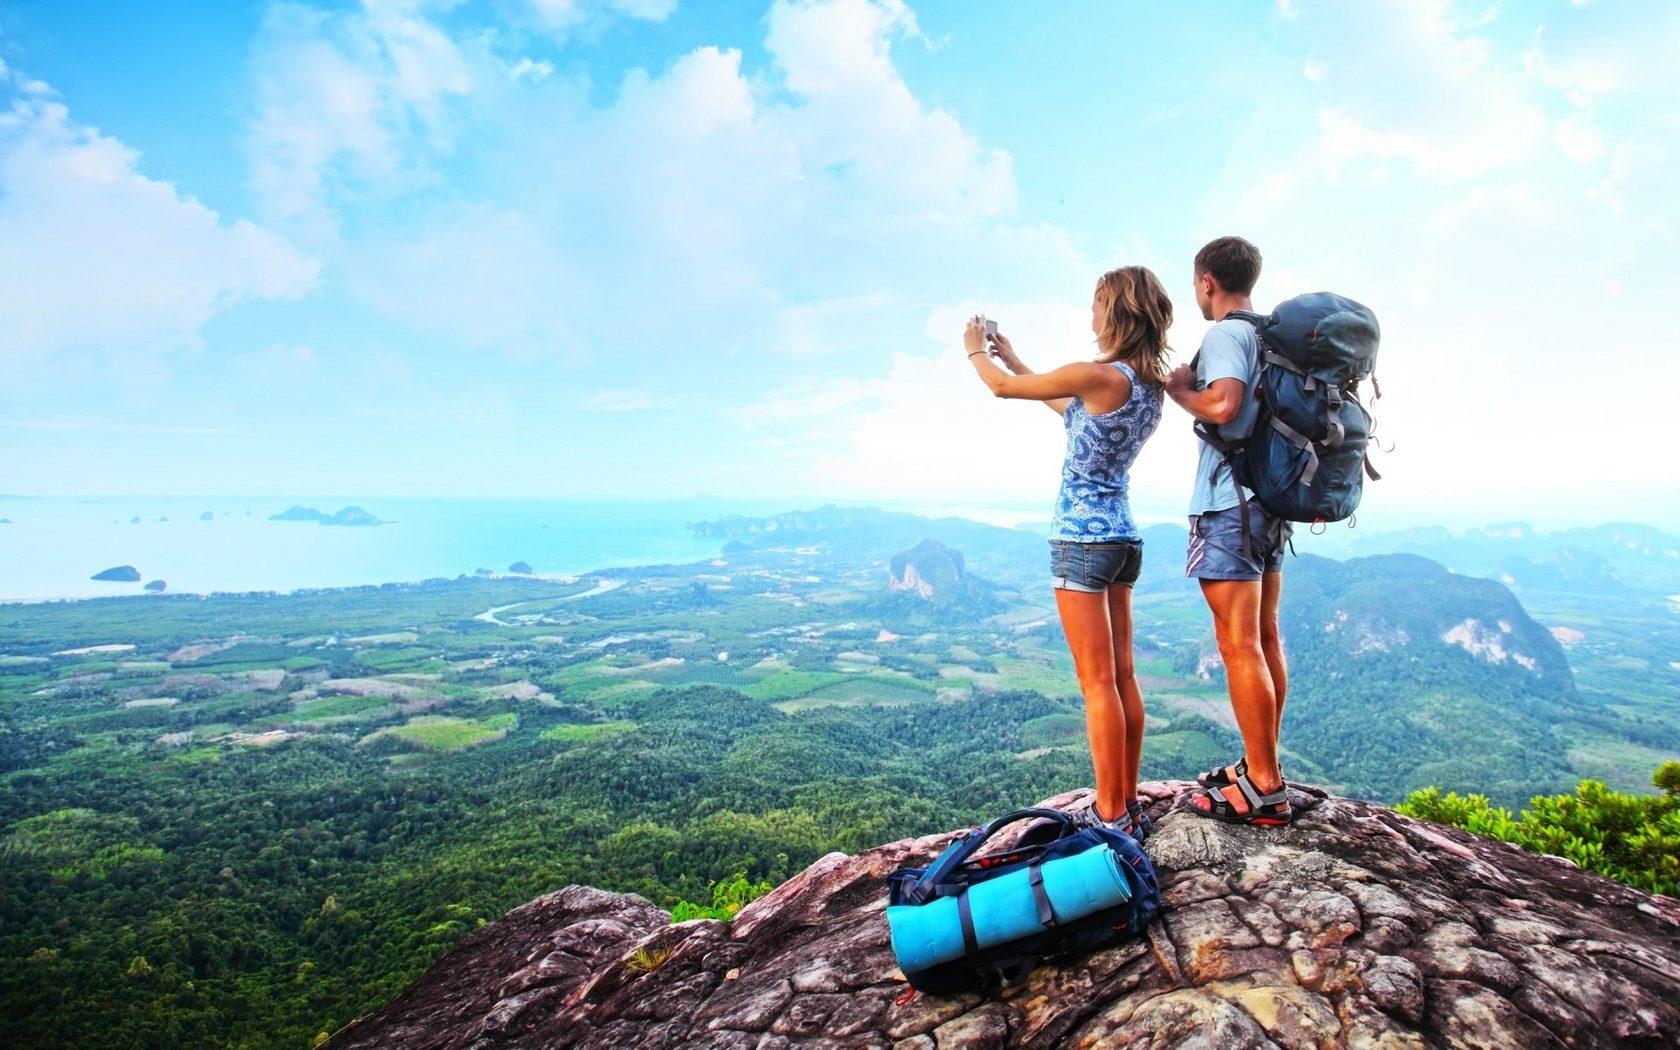 огромный фото какого путешественника представлена как правильно сочетать